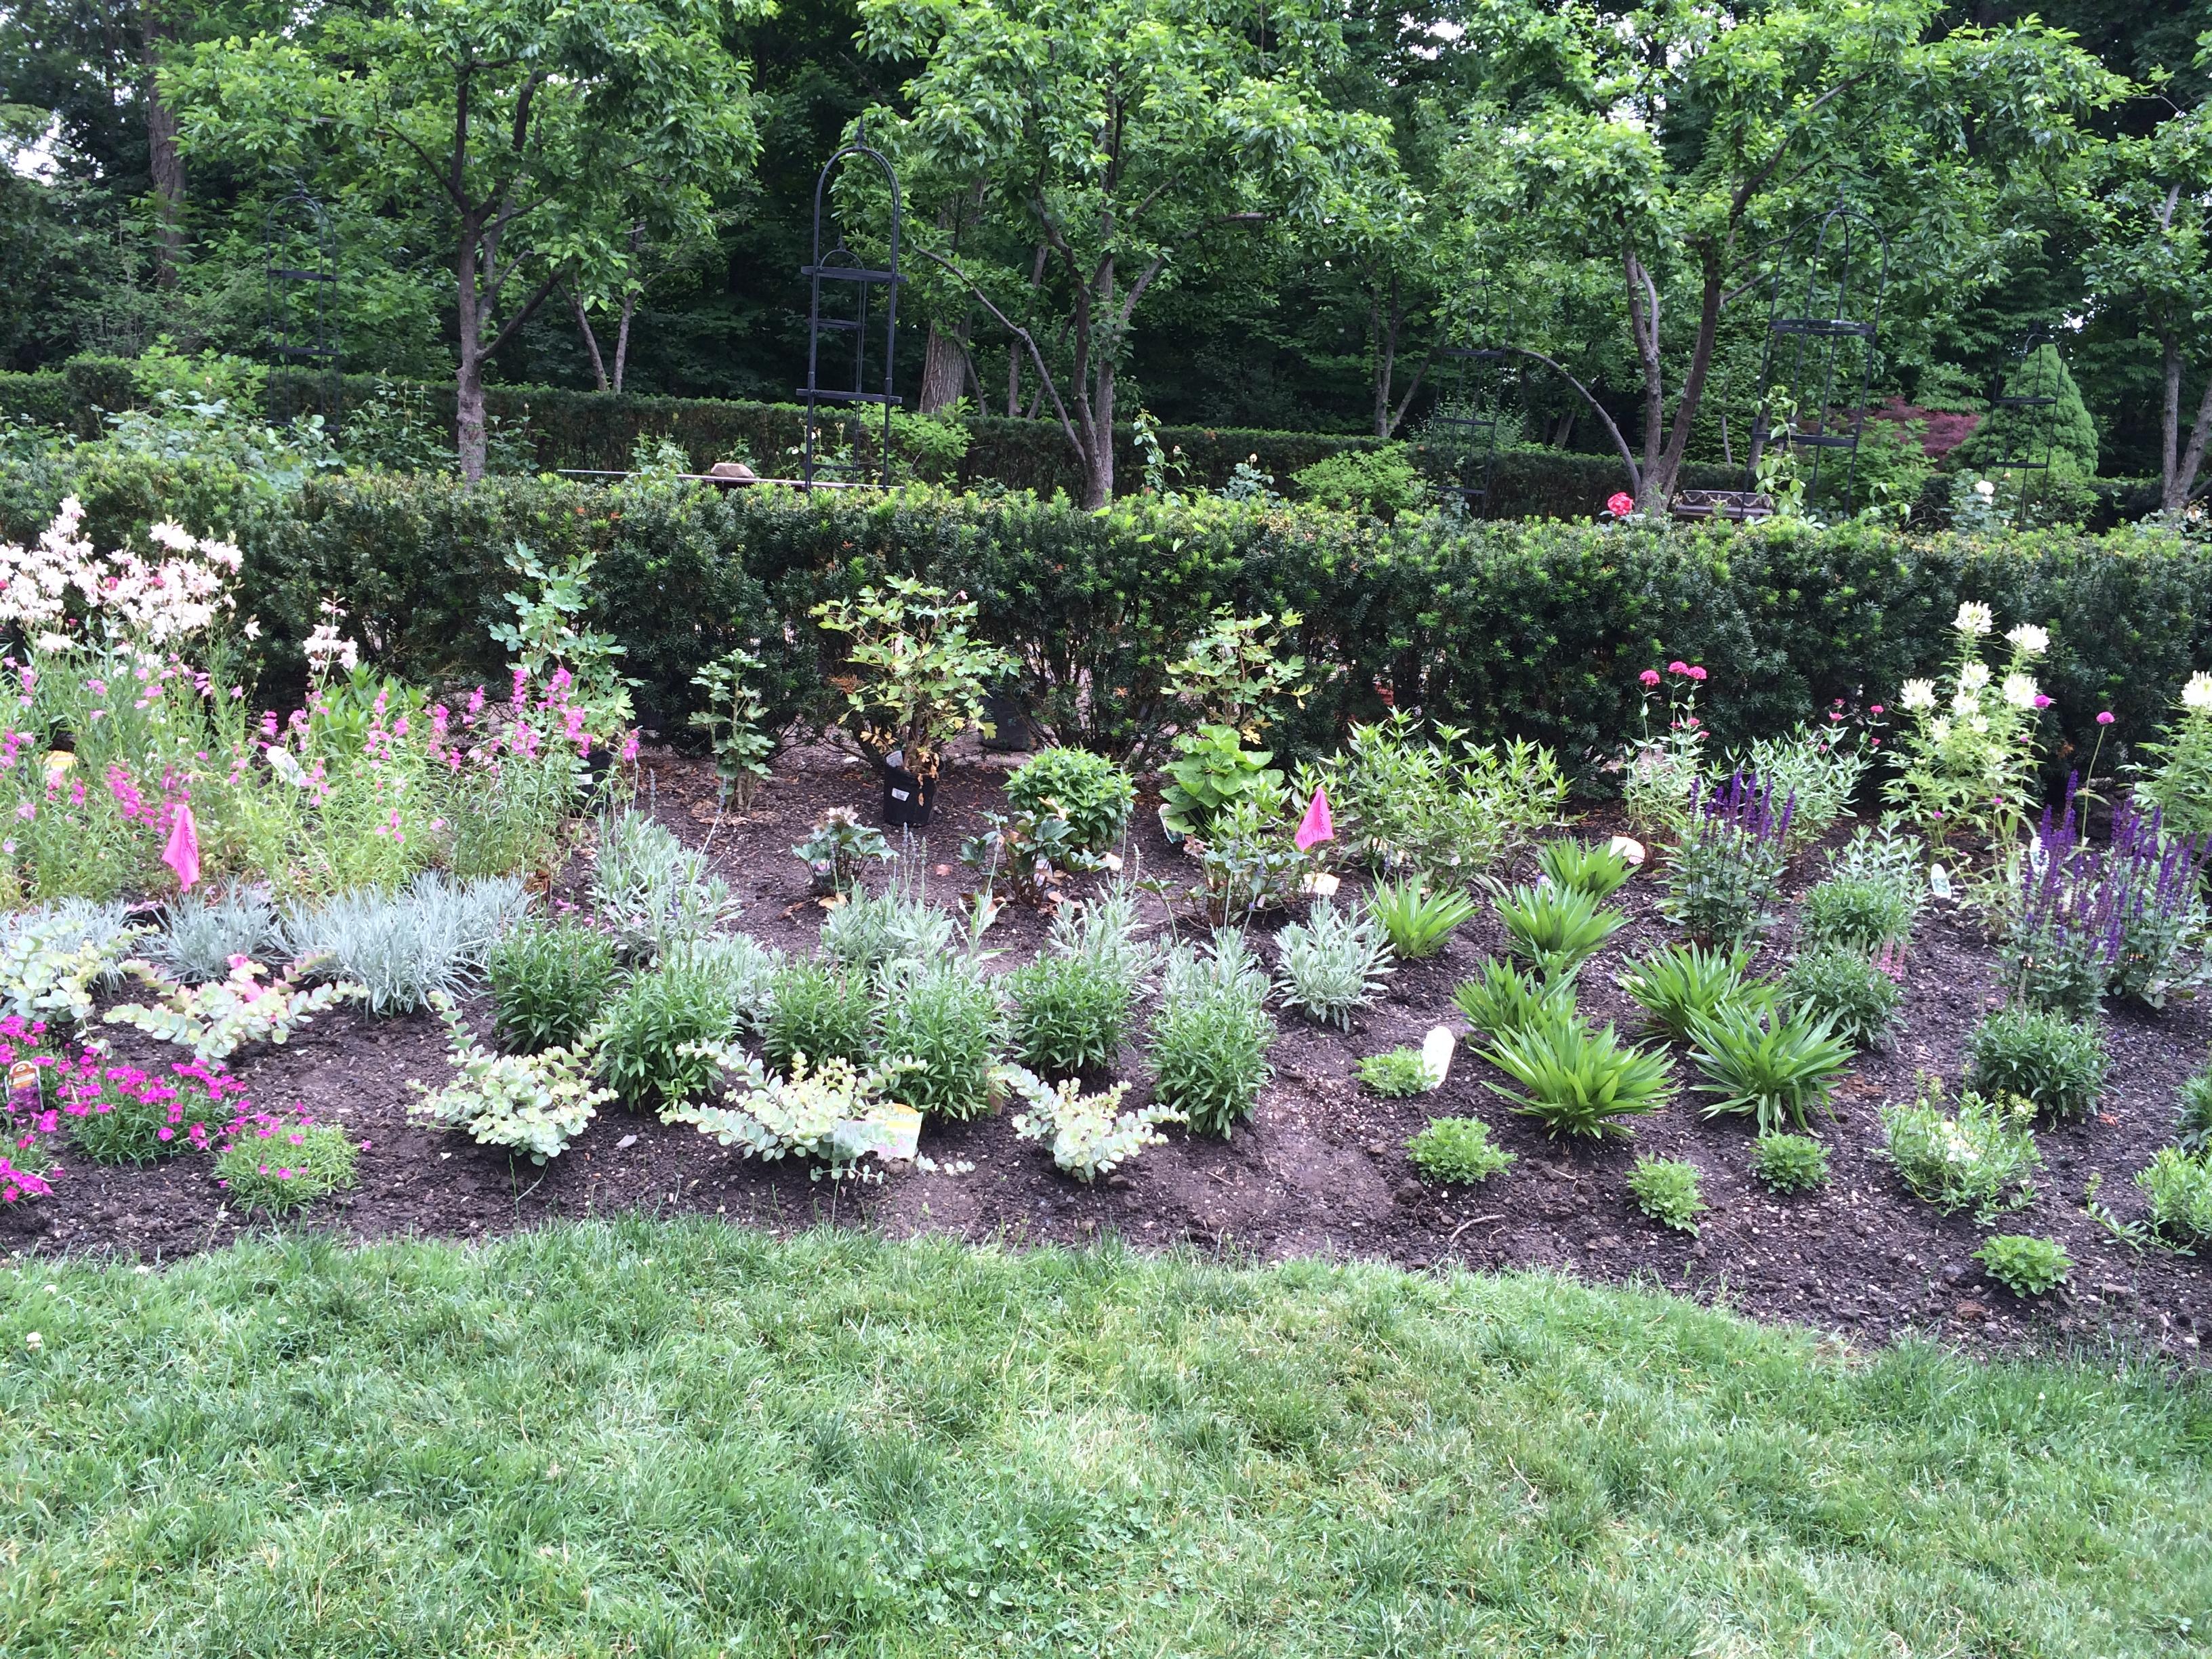 Redesigning a perennial garden is fun bobbie 39 s green thumb for Perennial garden